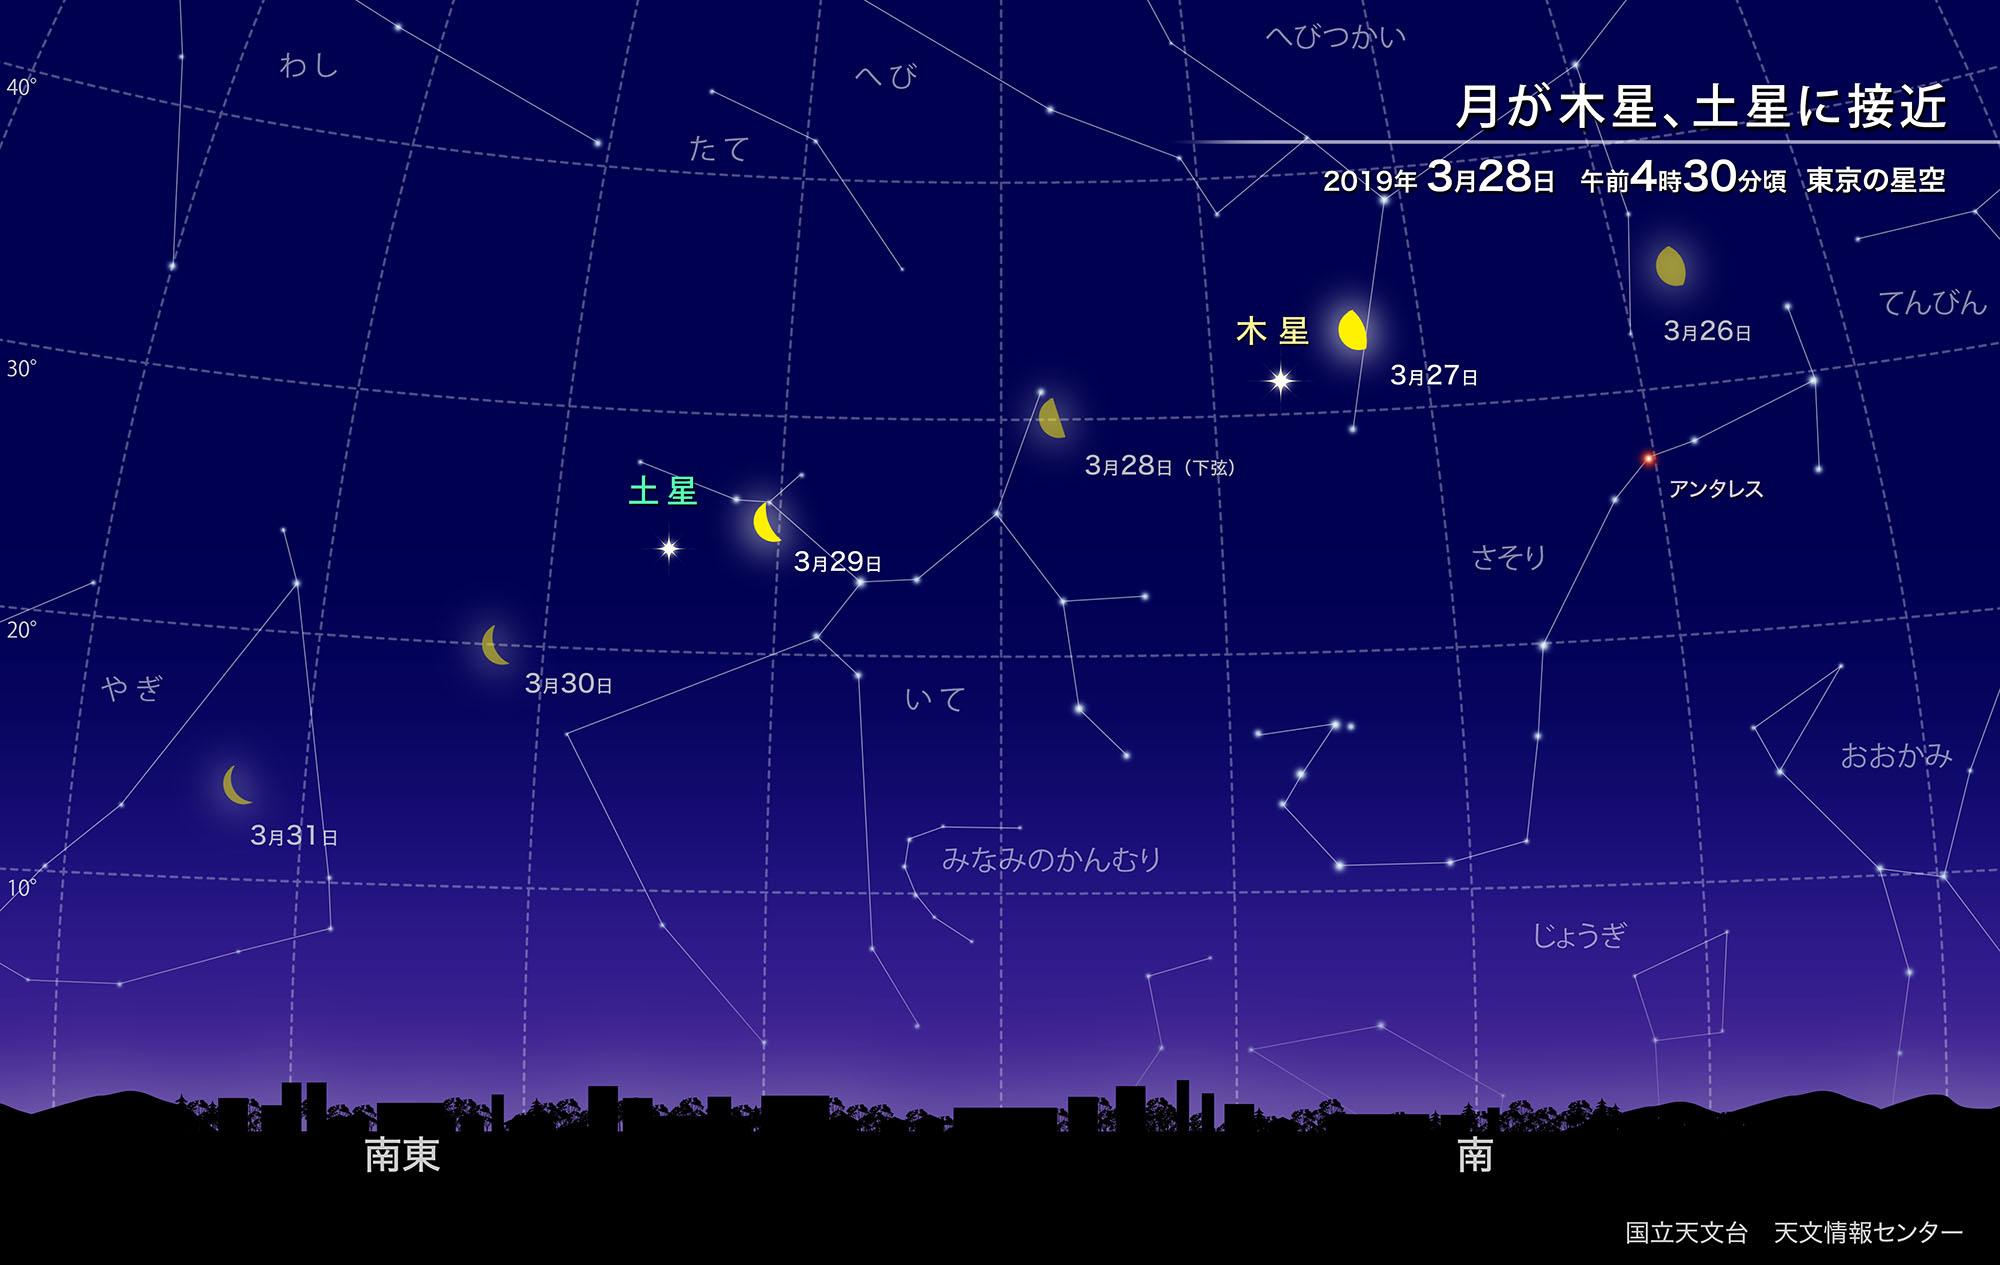 月が木星、土星に接近(2019年3月) | 国立天文台(NAOJ)